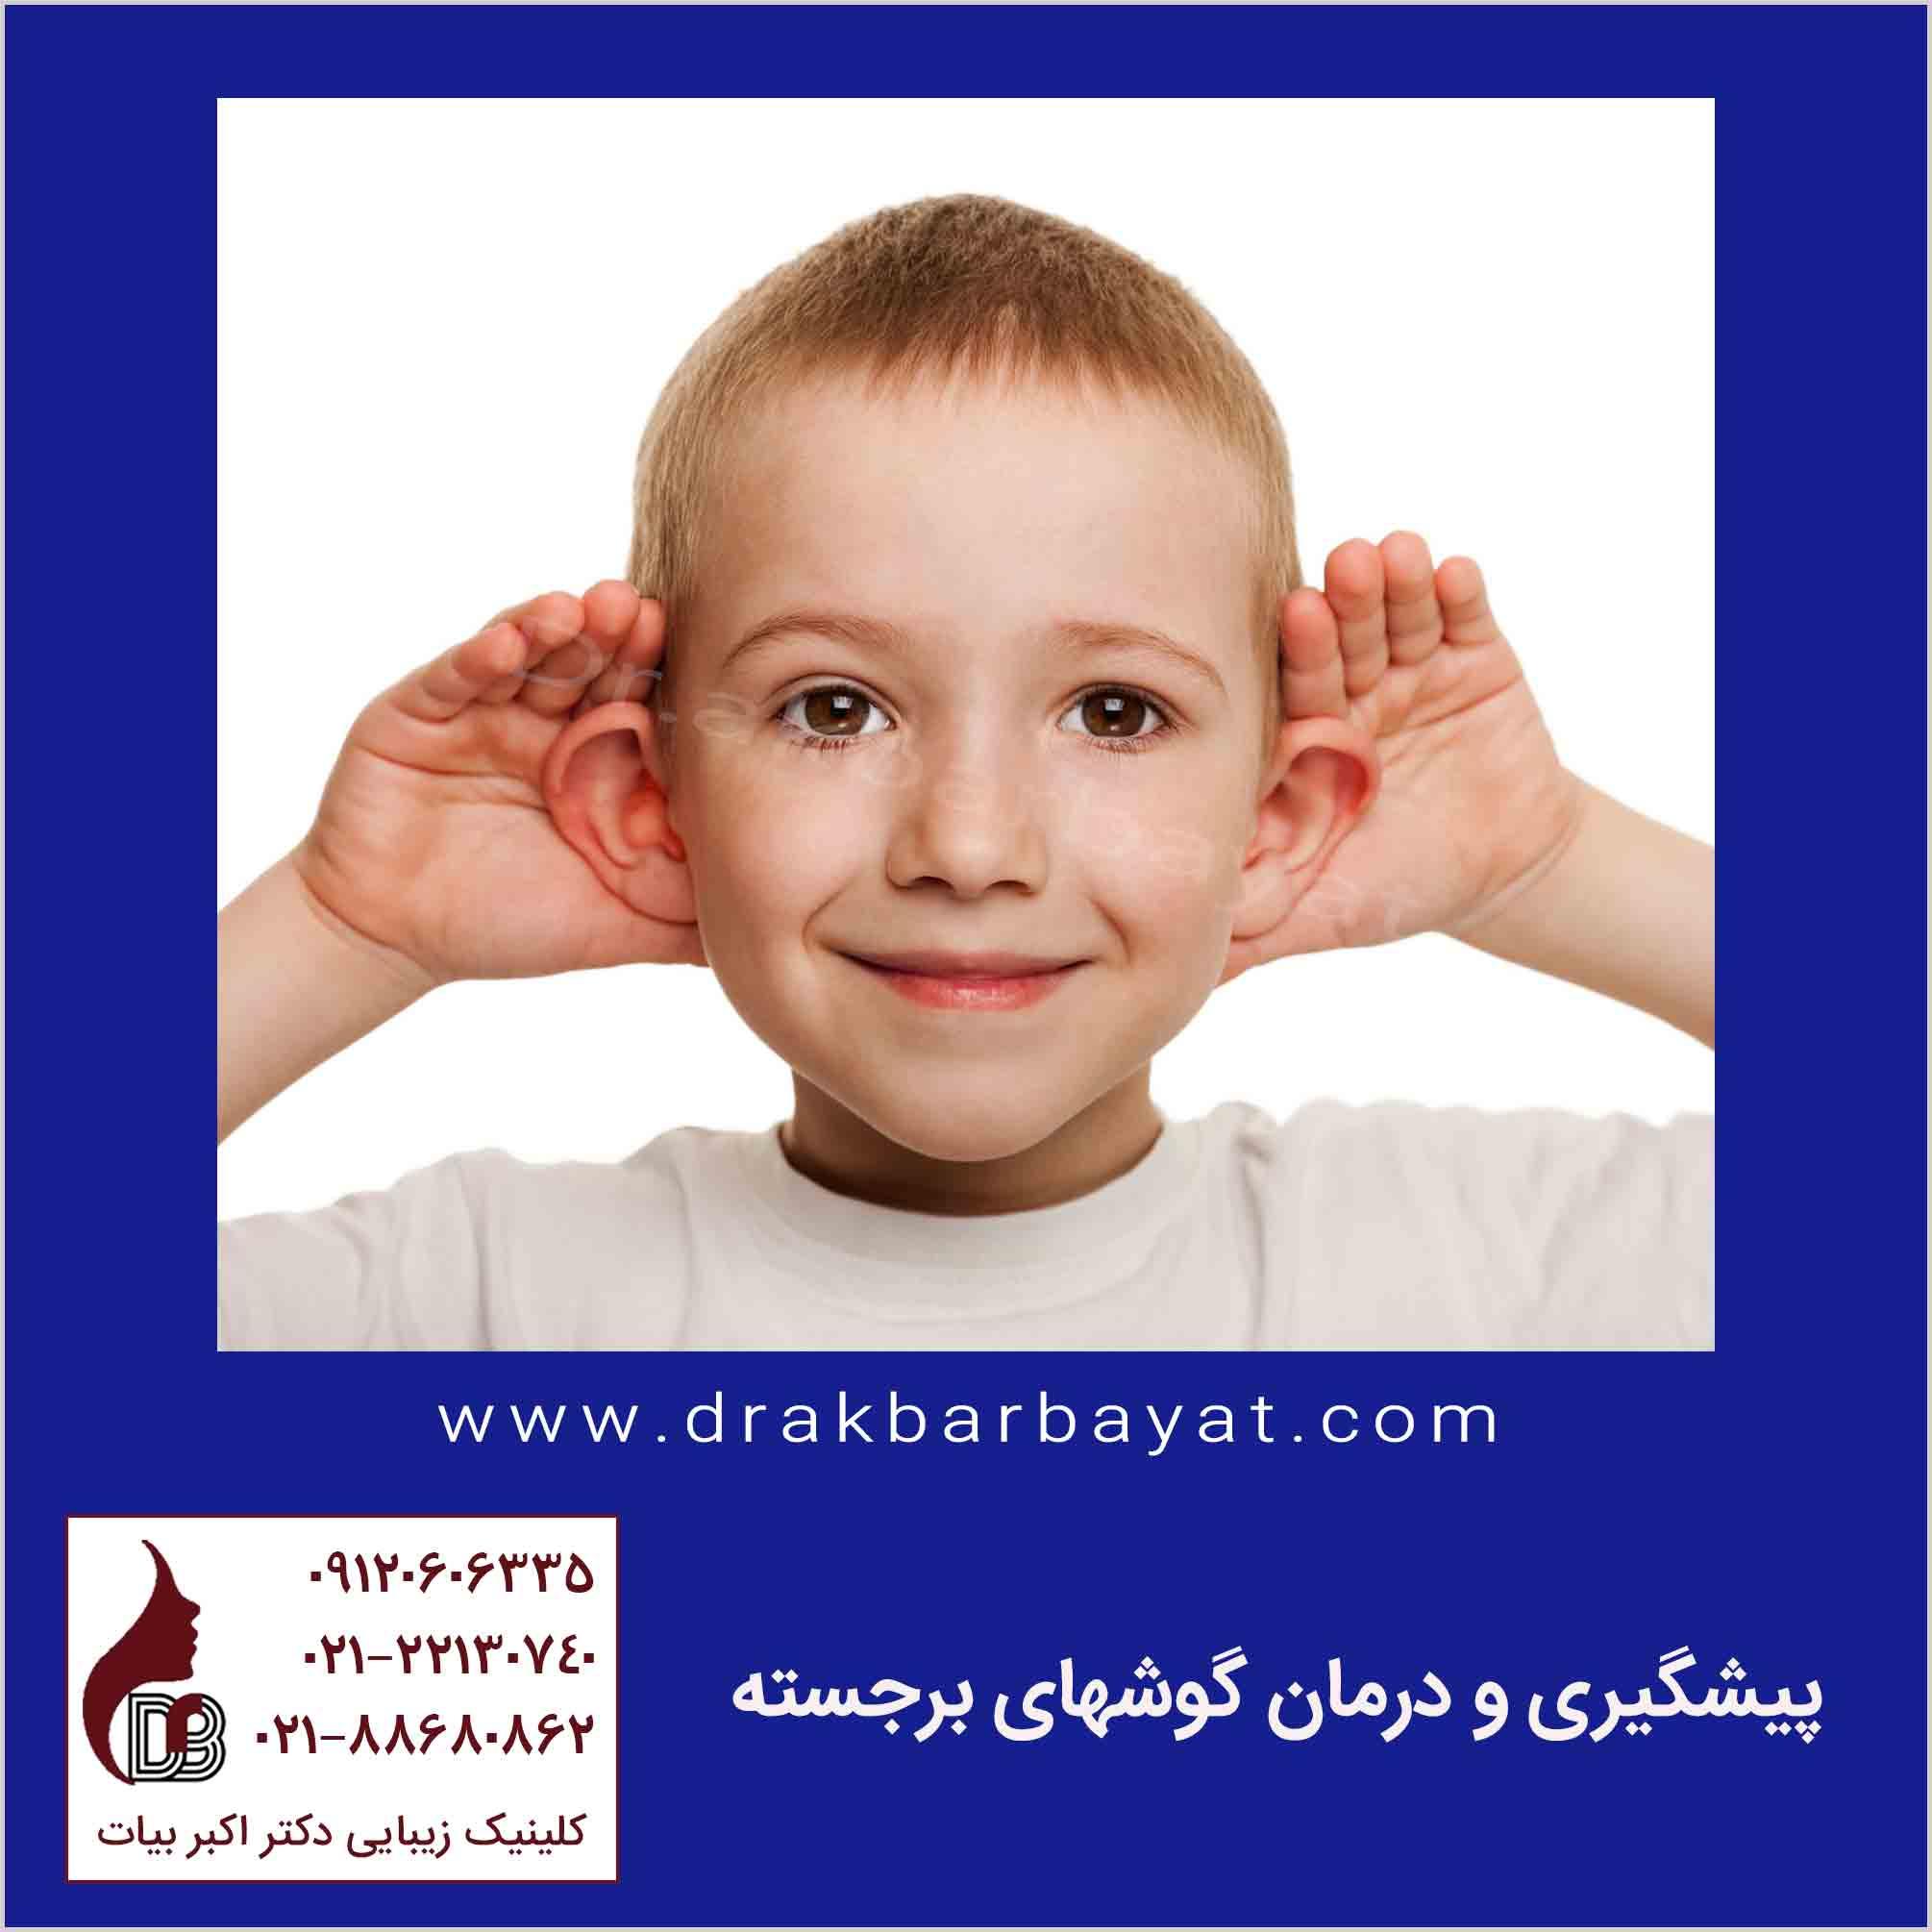 جراحی زیبایی گوش | بهترین جراح زیبایی گوش